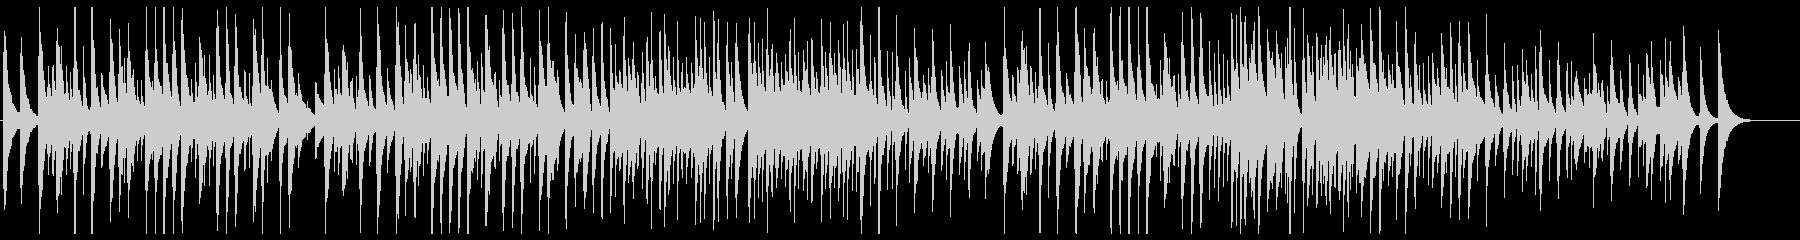 エルガー 「愛の挨拶」ウクレレカバーの未再生の波形